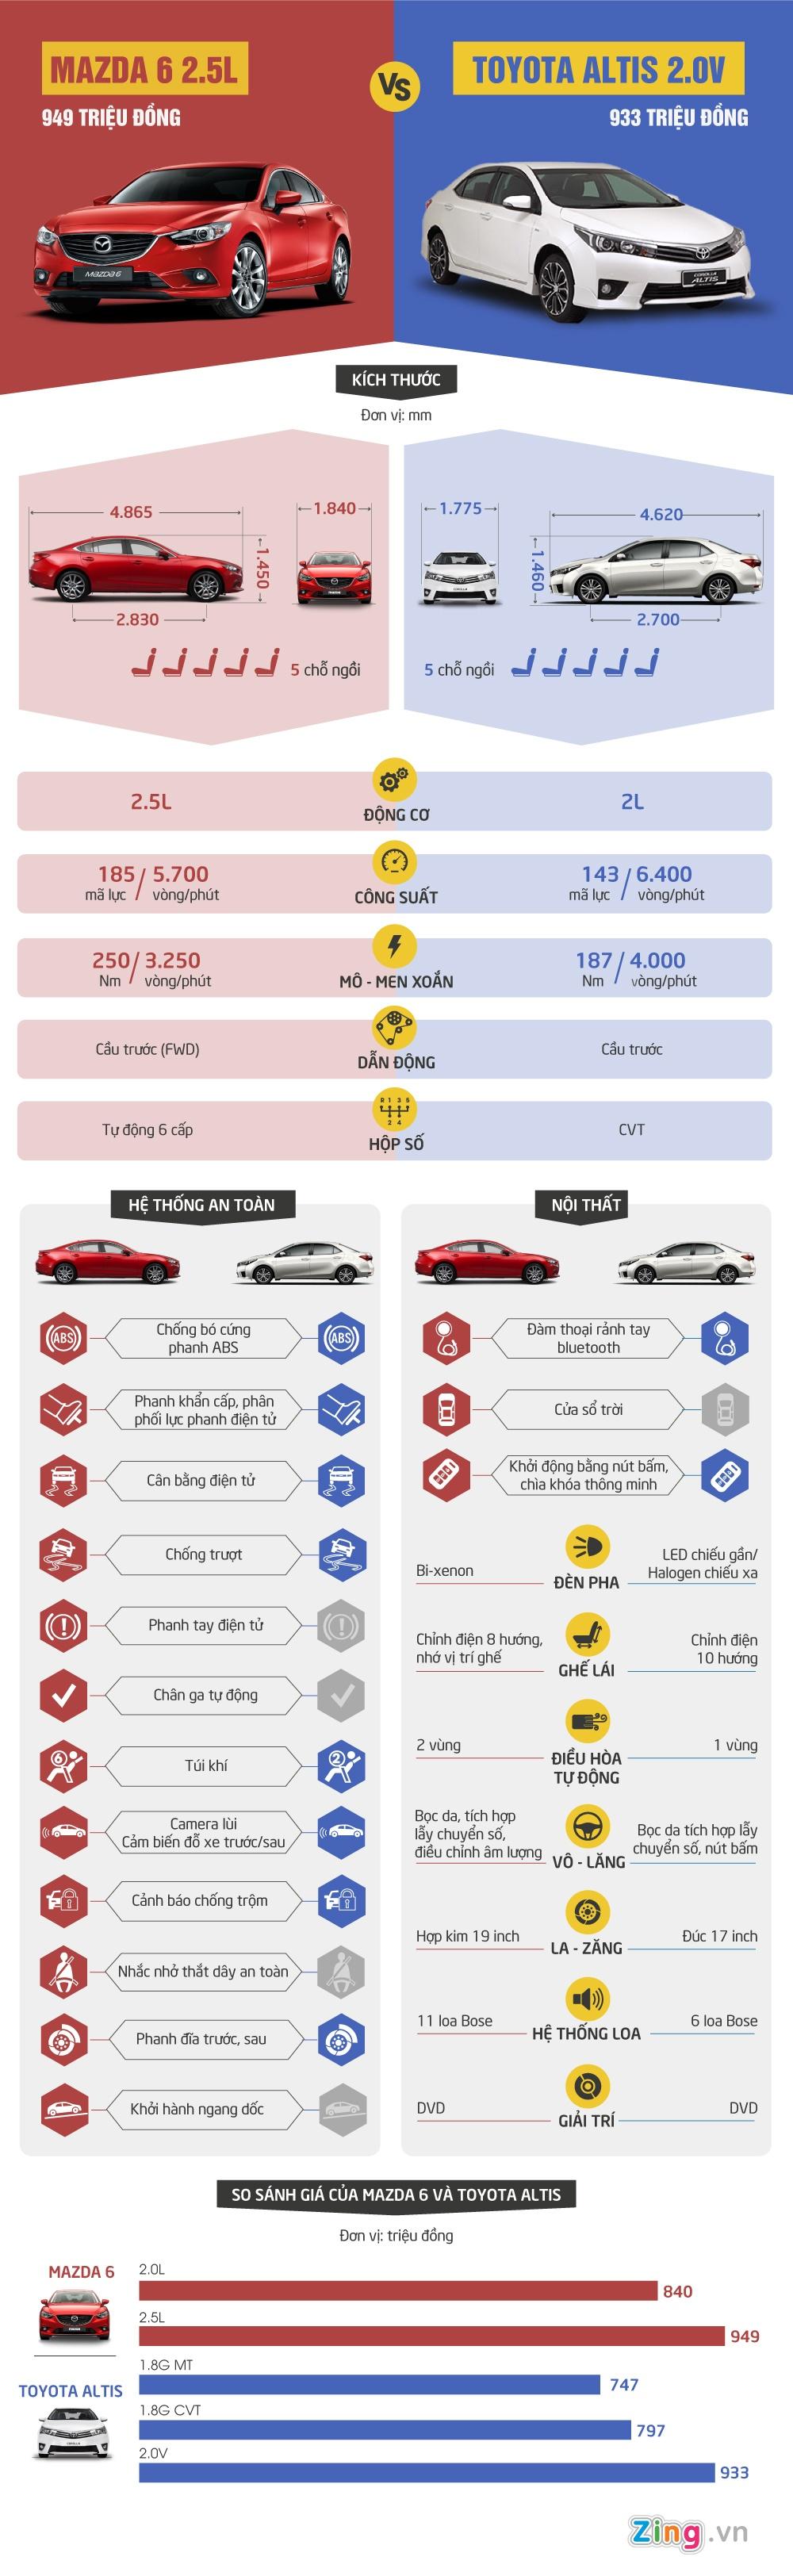 So sanh Mazda 6 moi giam gia 170 trieu va Toyota Altis hinh anh 1